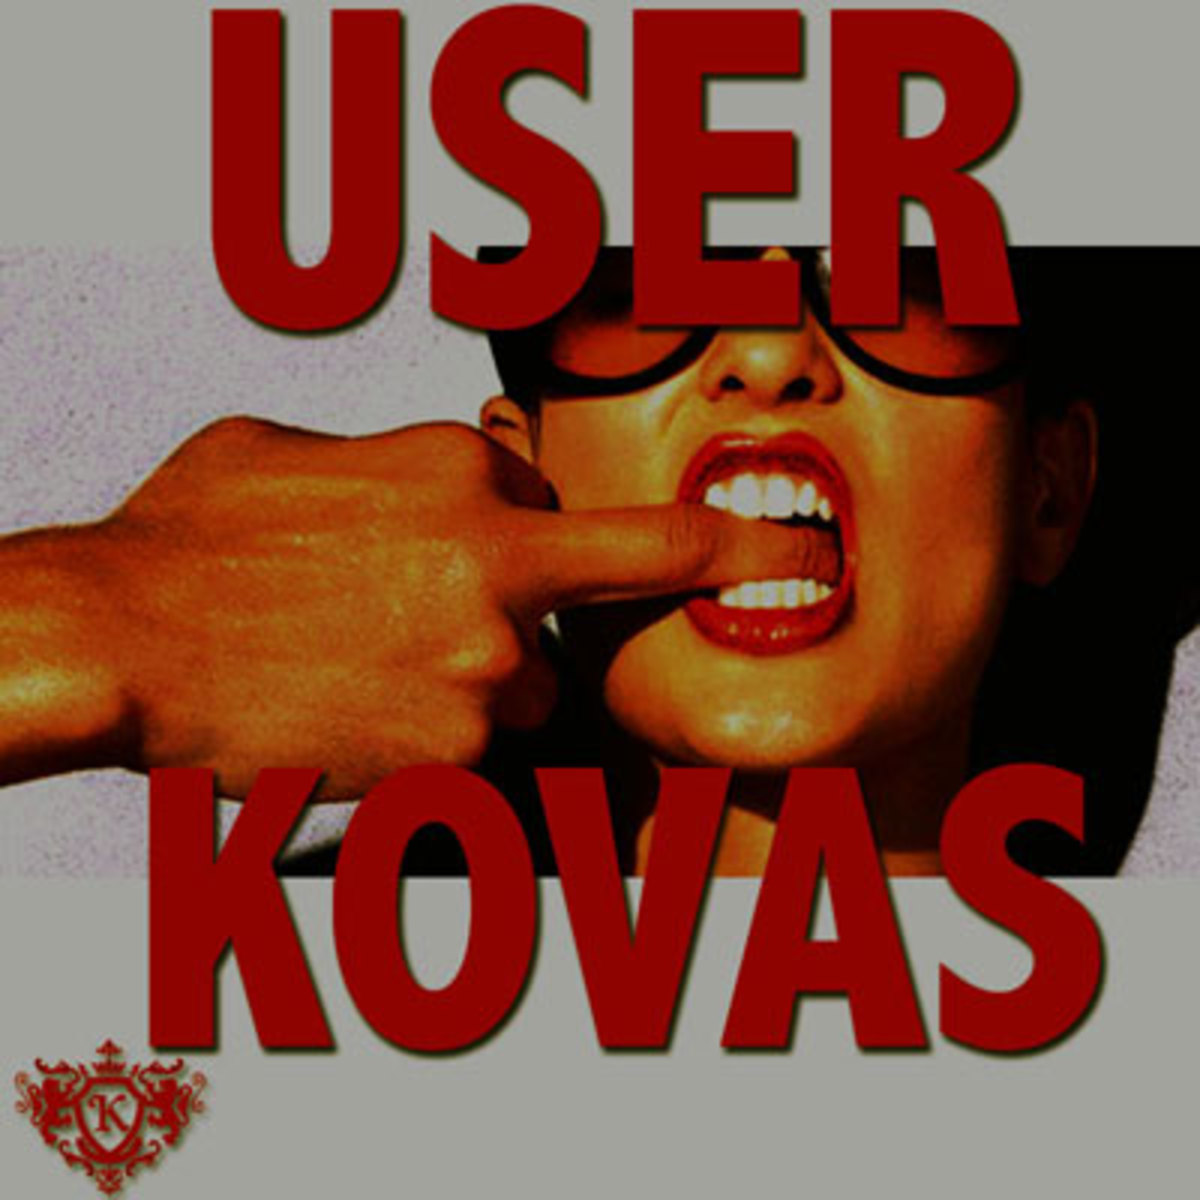 kovas-user.jpg